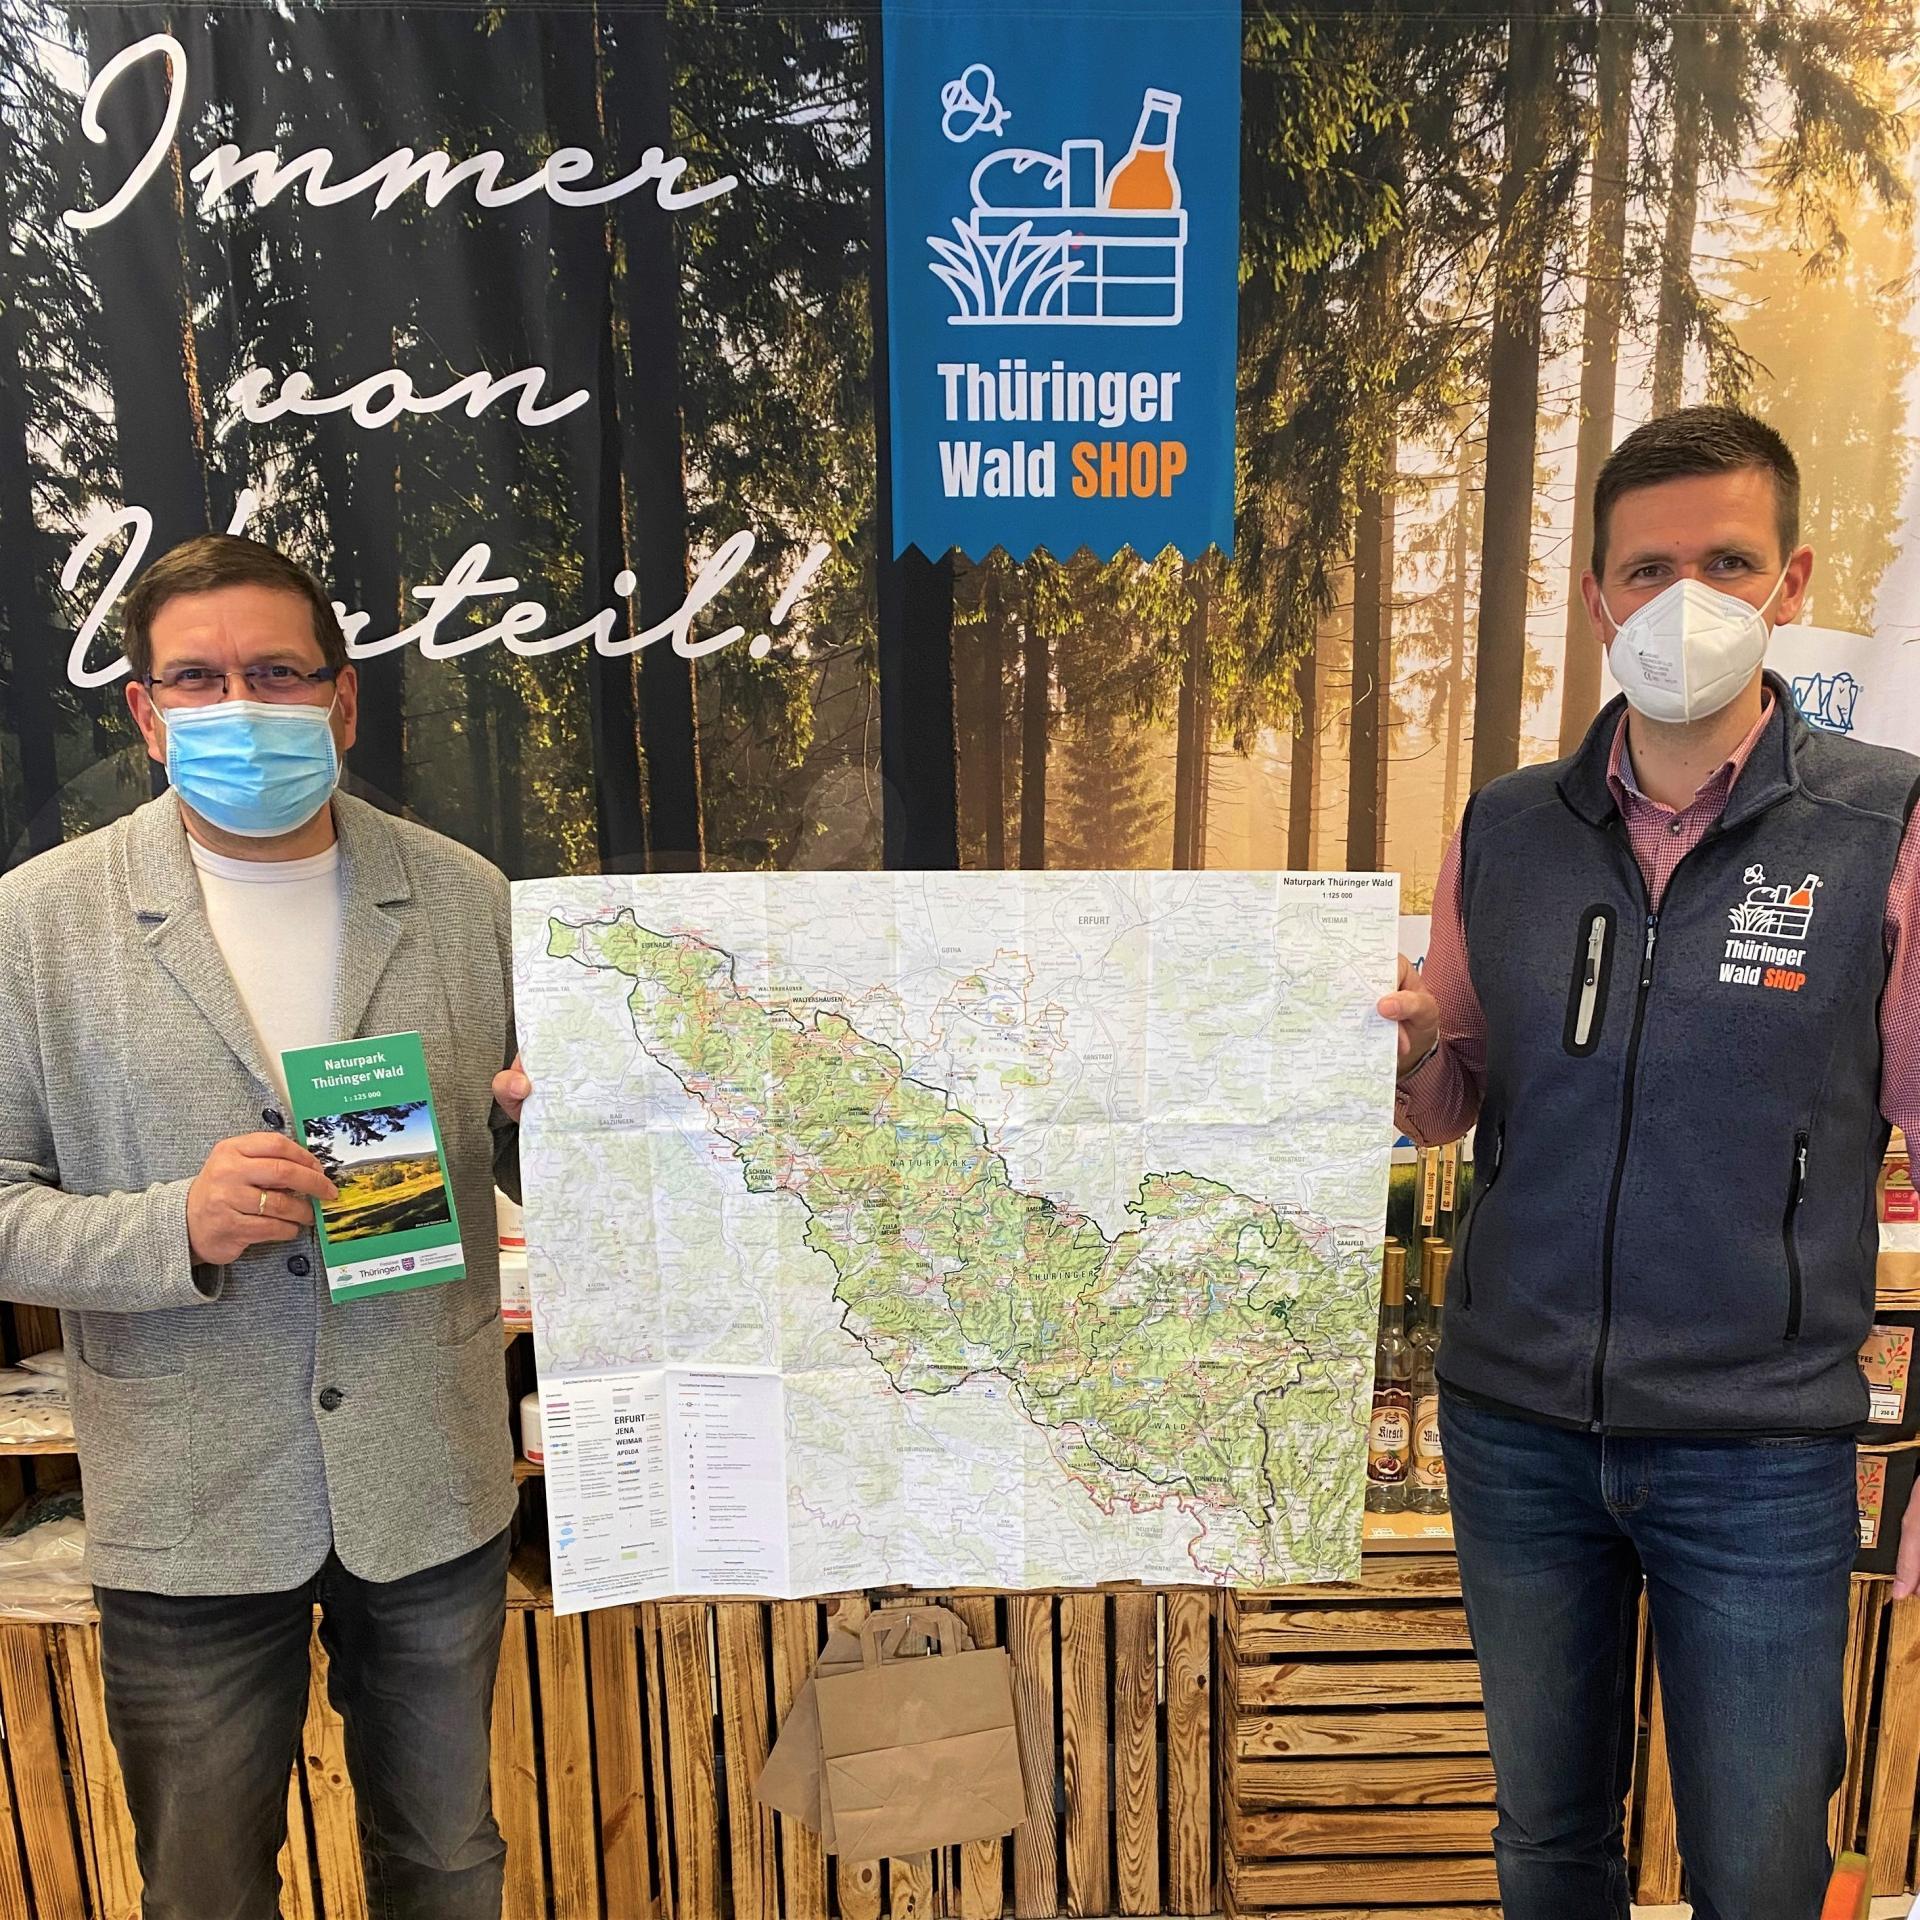 Bürgermeister Uwe Scheler und Geschäftsführer Jörg Seifert zeigen die neue Übersichtskarte